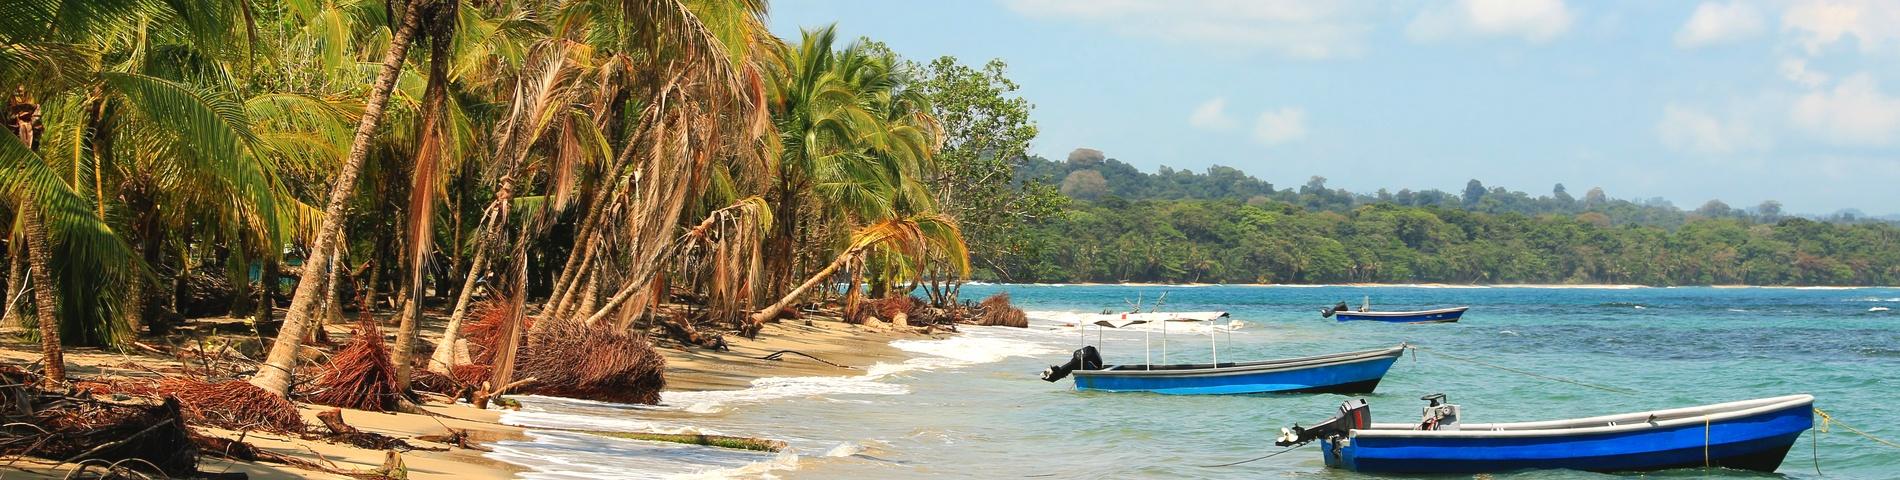 푸에르토 비에호